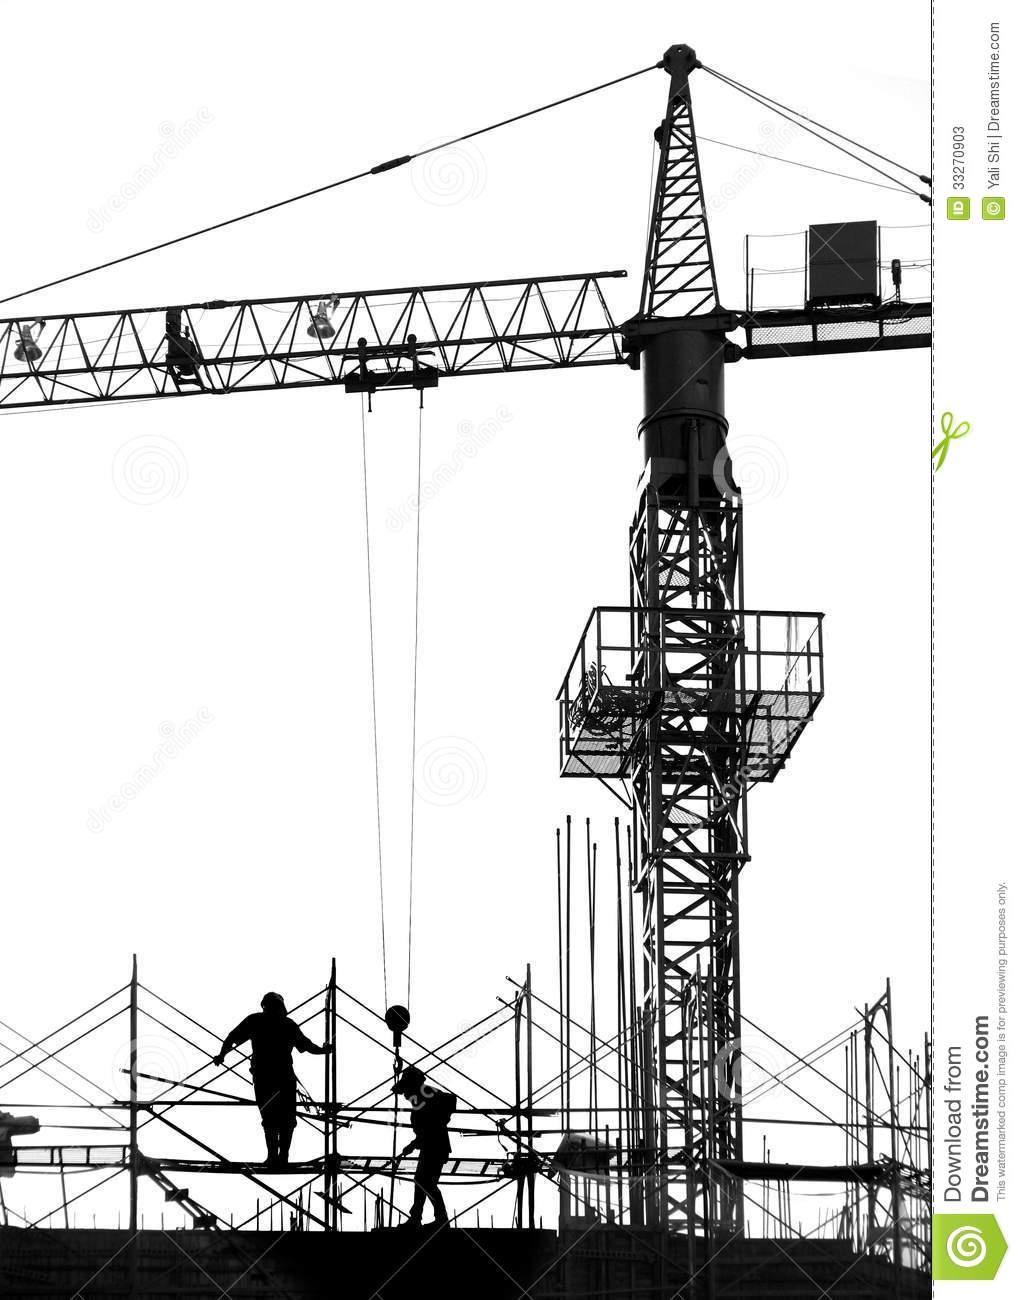 Building Construction Clip Art : Construction site crane clipart clipground